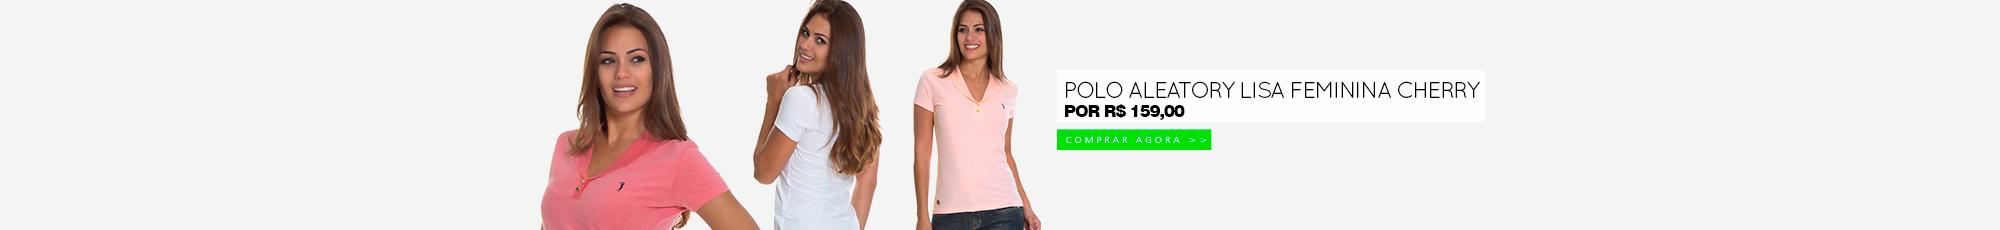 polo_feminina2